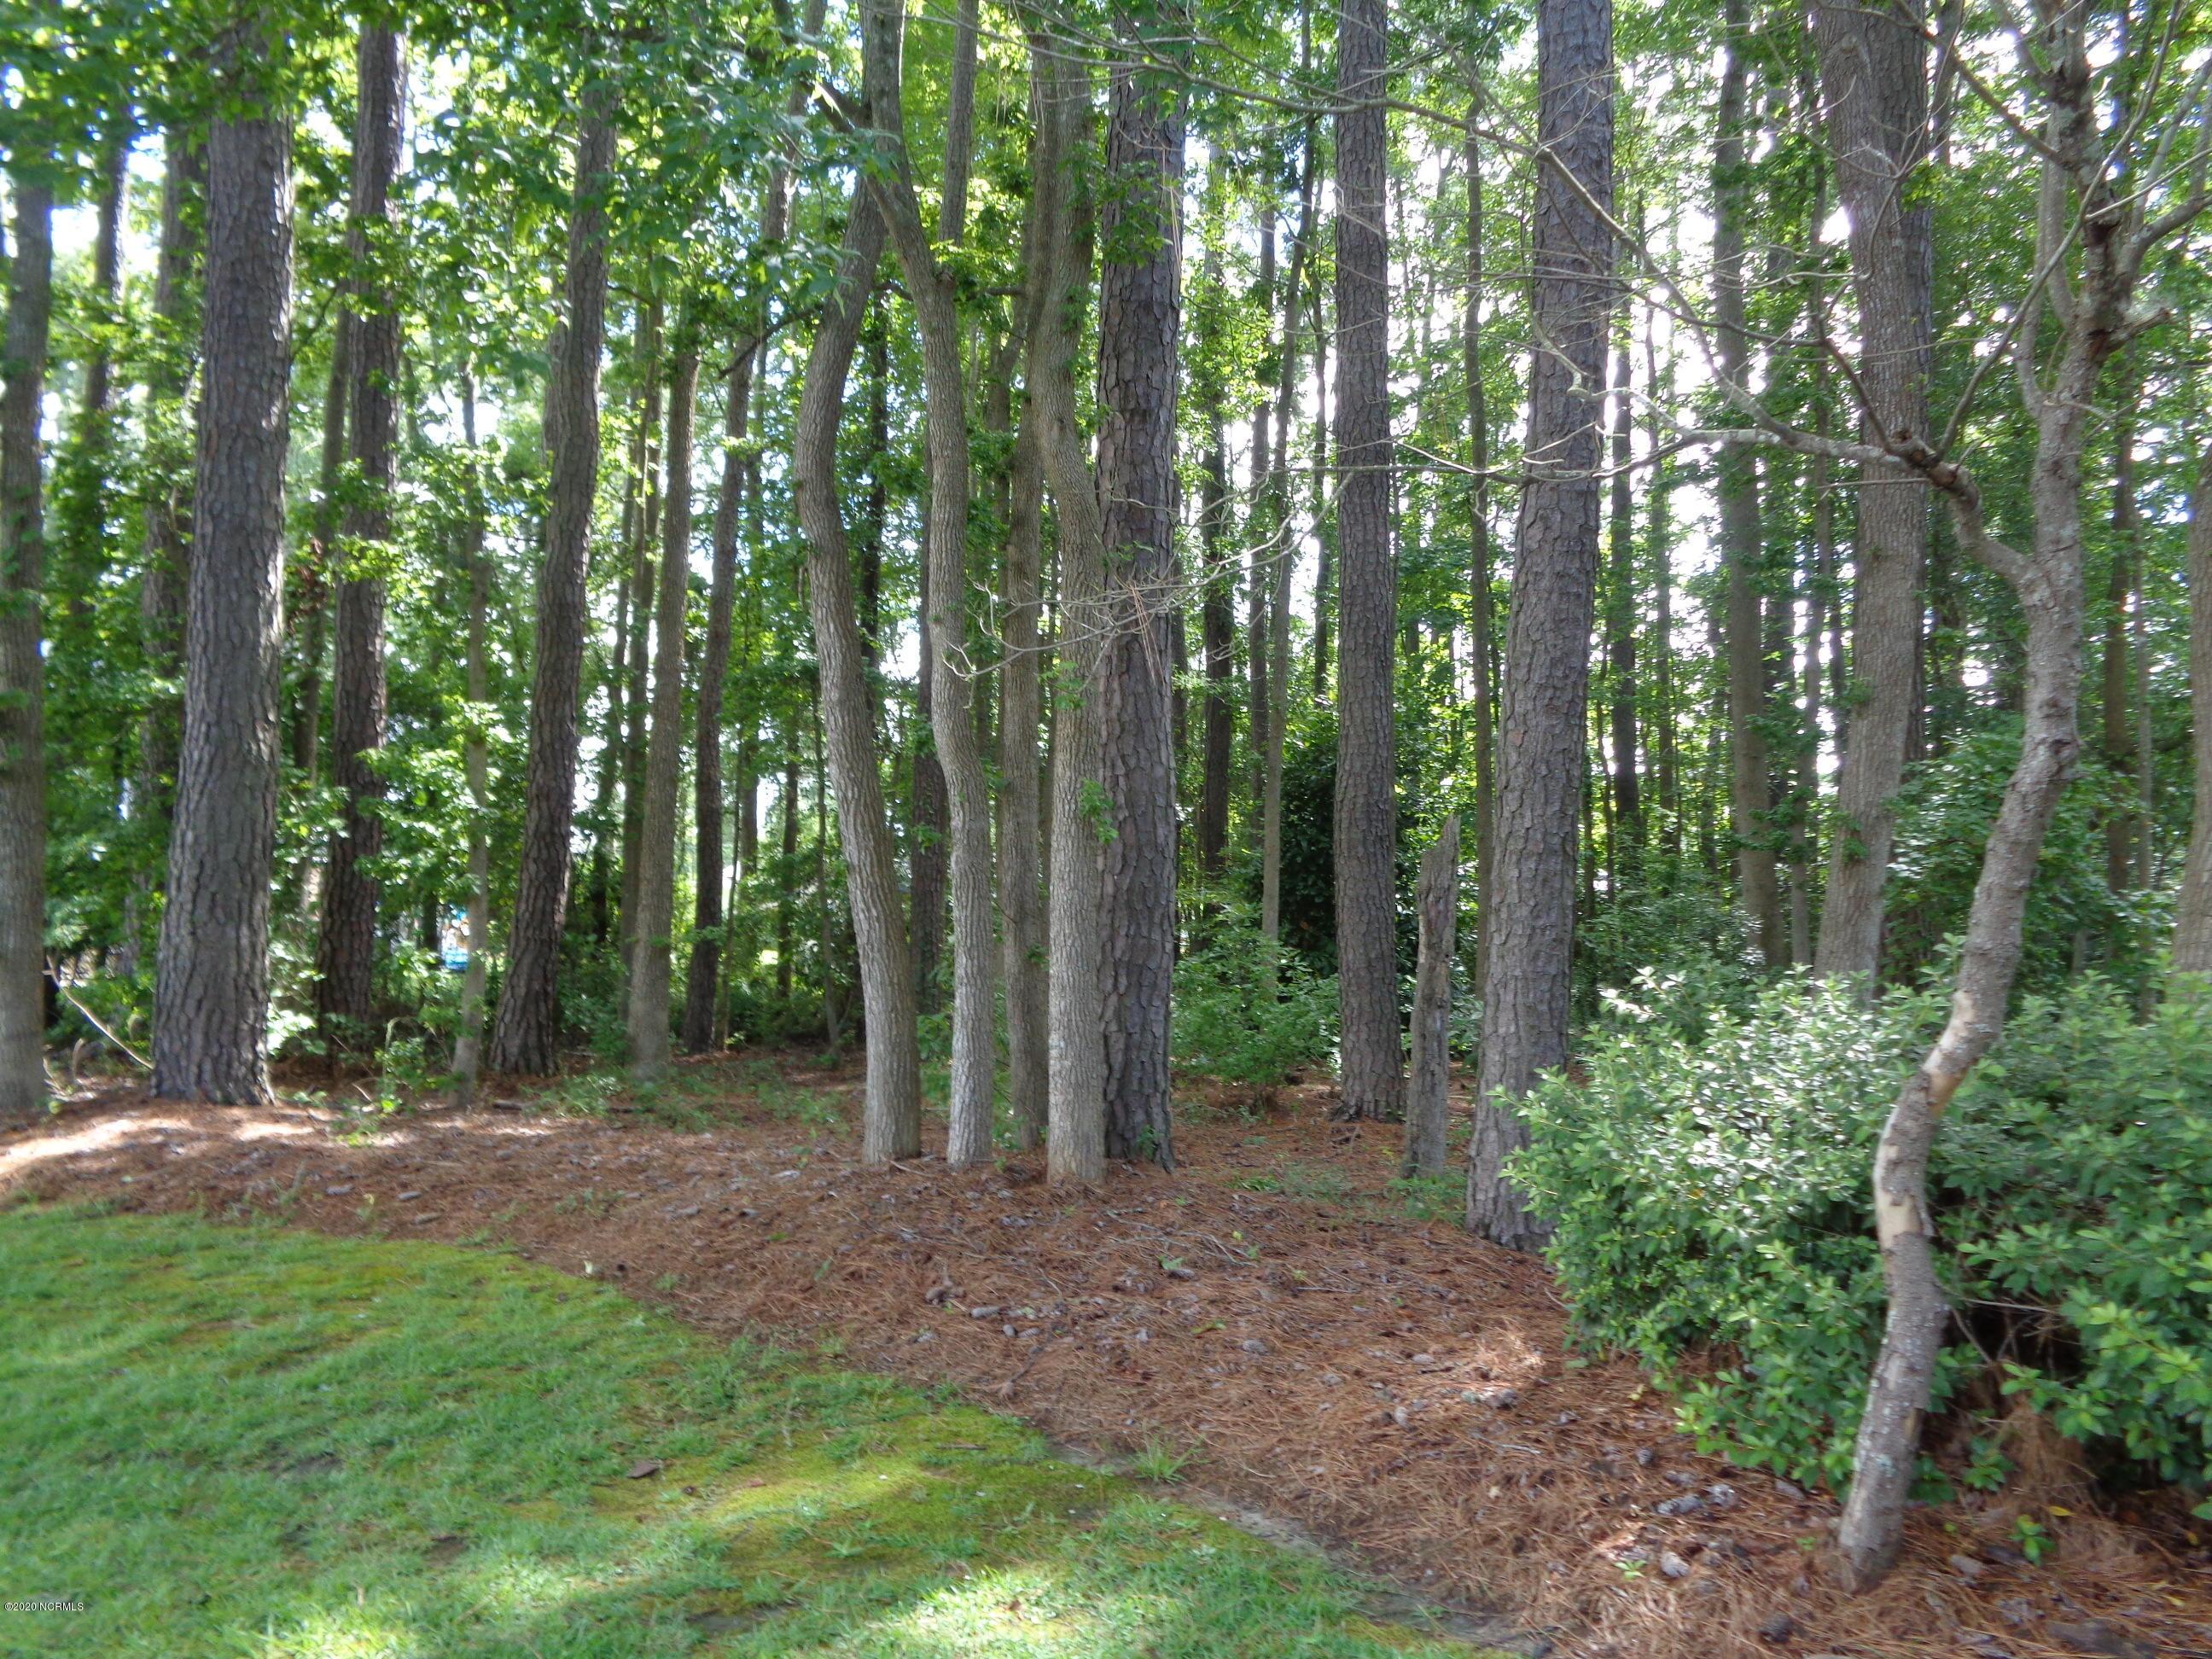 1110 Pamela Drive, Kinston, North Carolina 28504, ,Residential land,For sale,Pamela,100226401